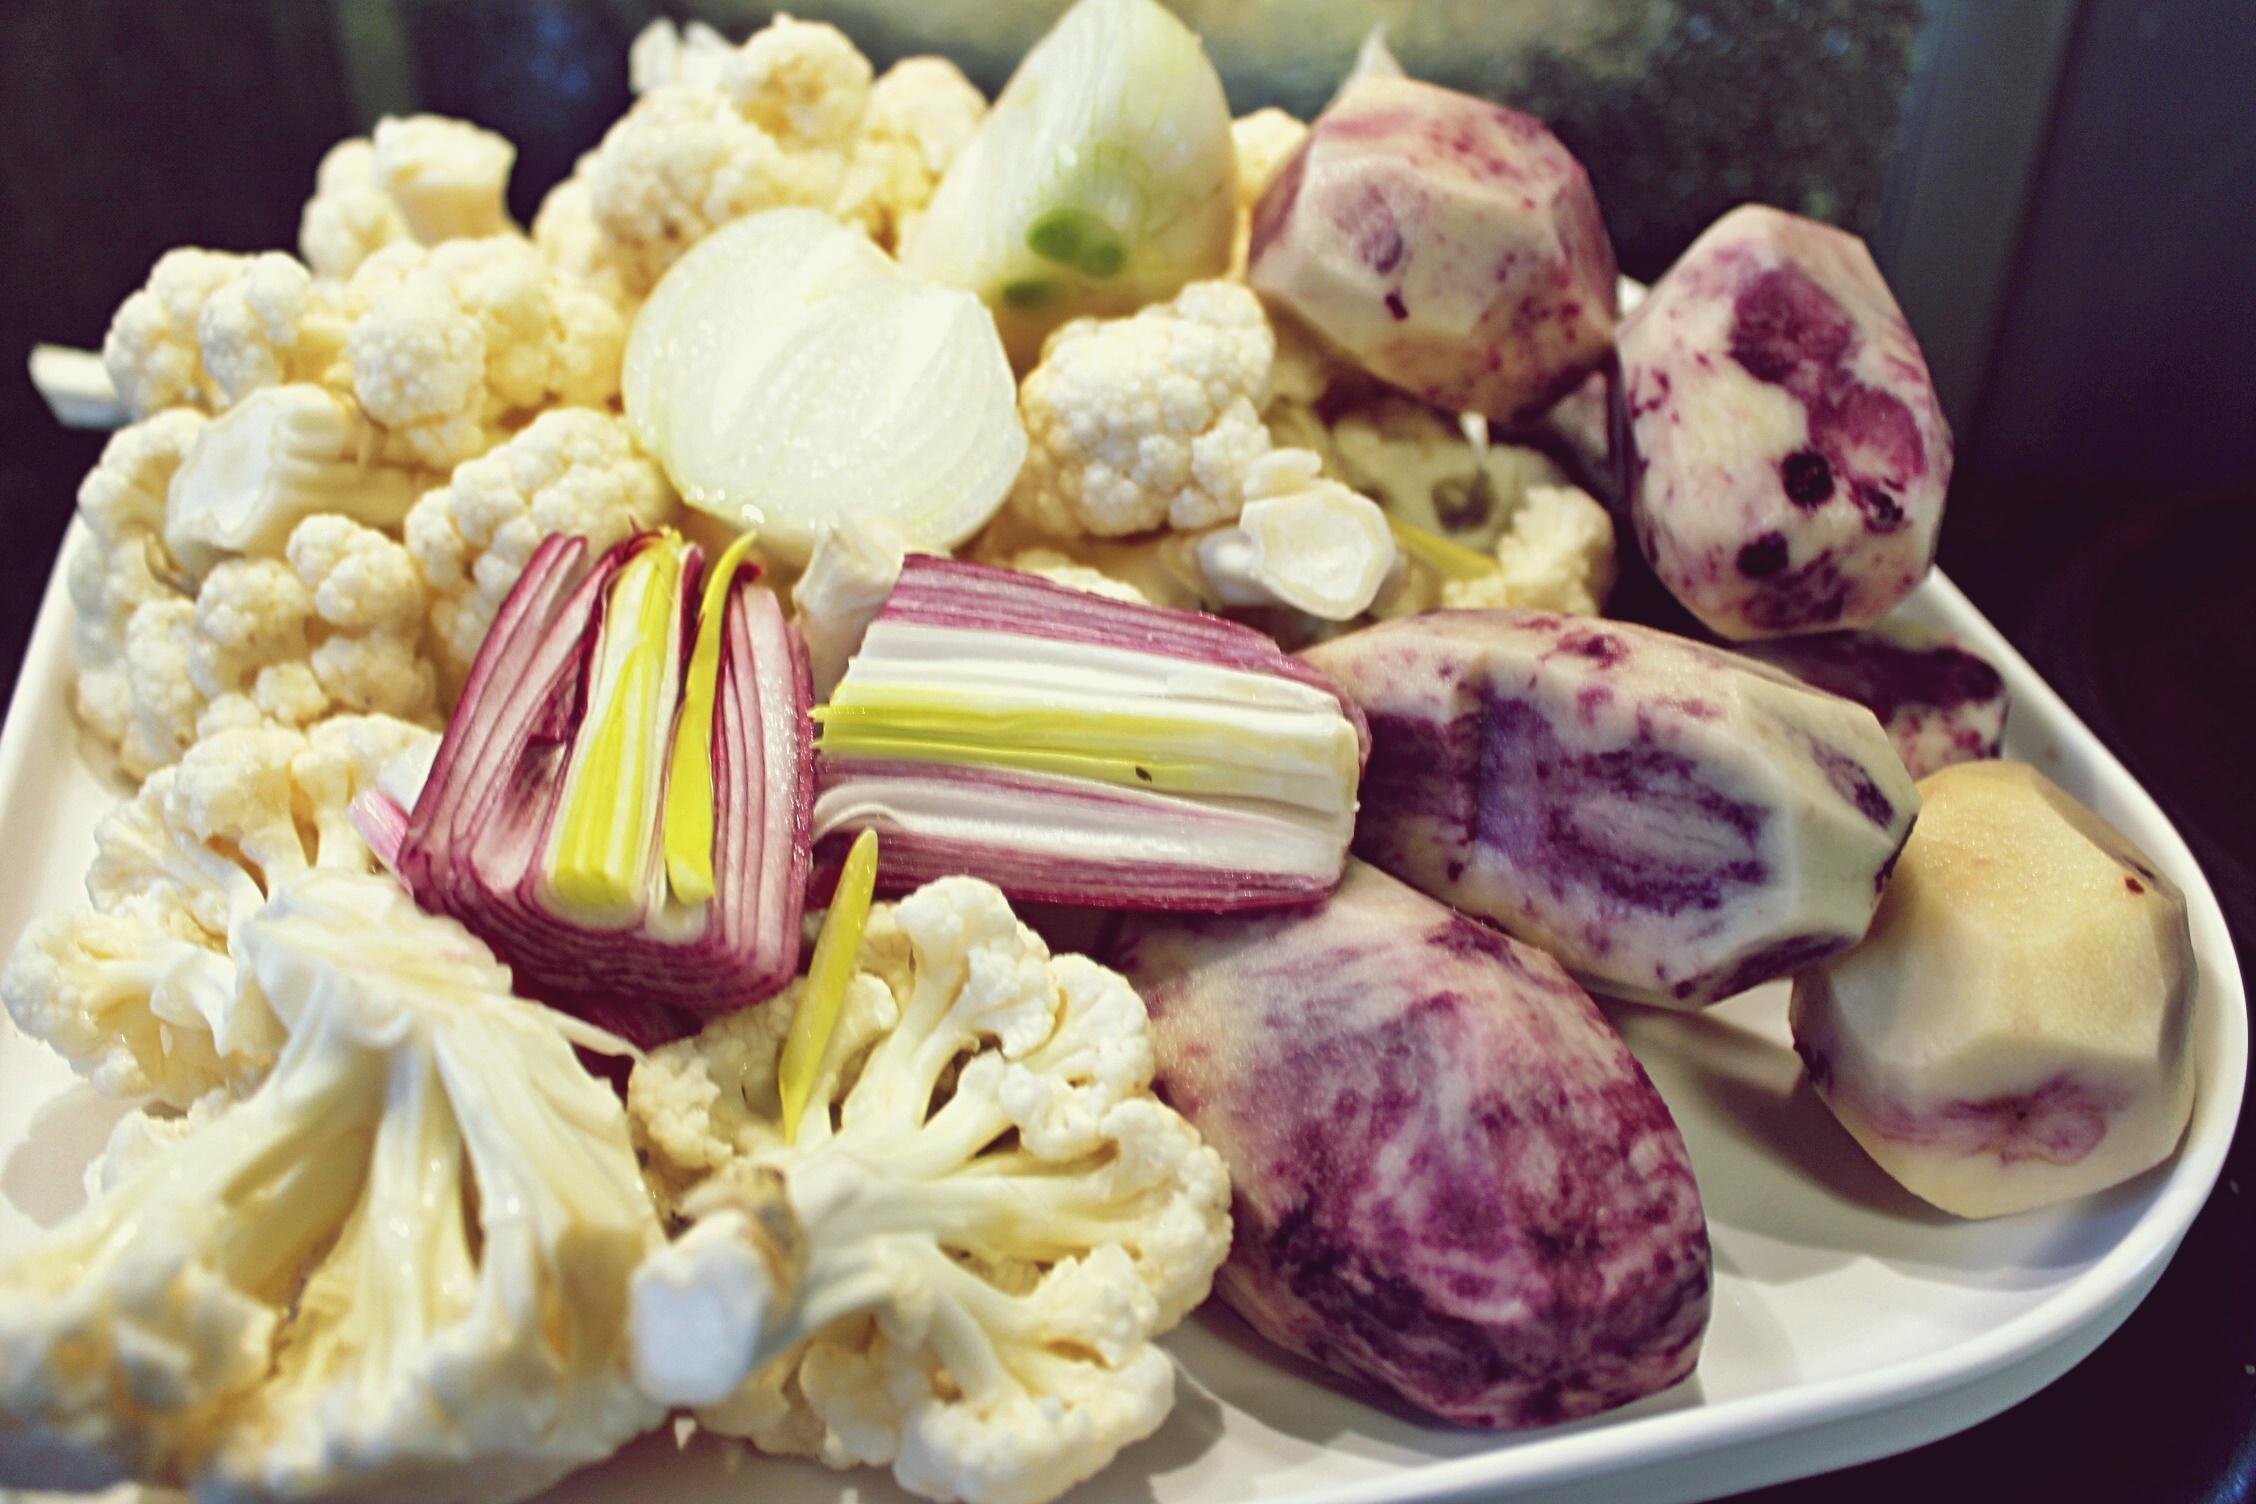 Supă cremă din conopidă, cartofi mov și brânză Brie